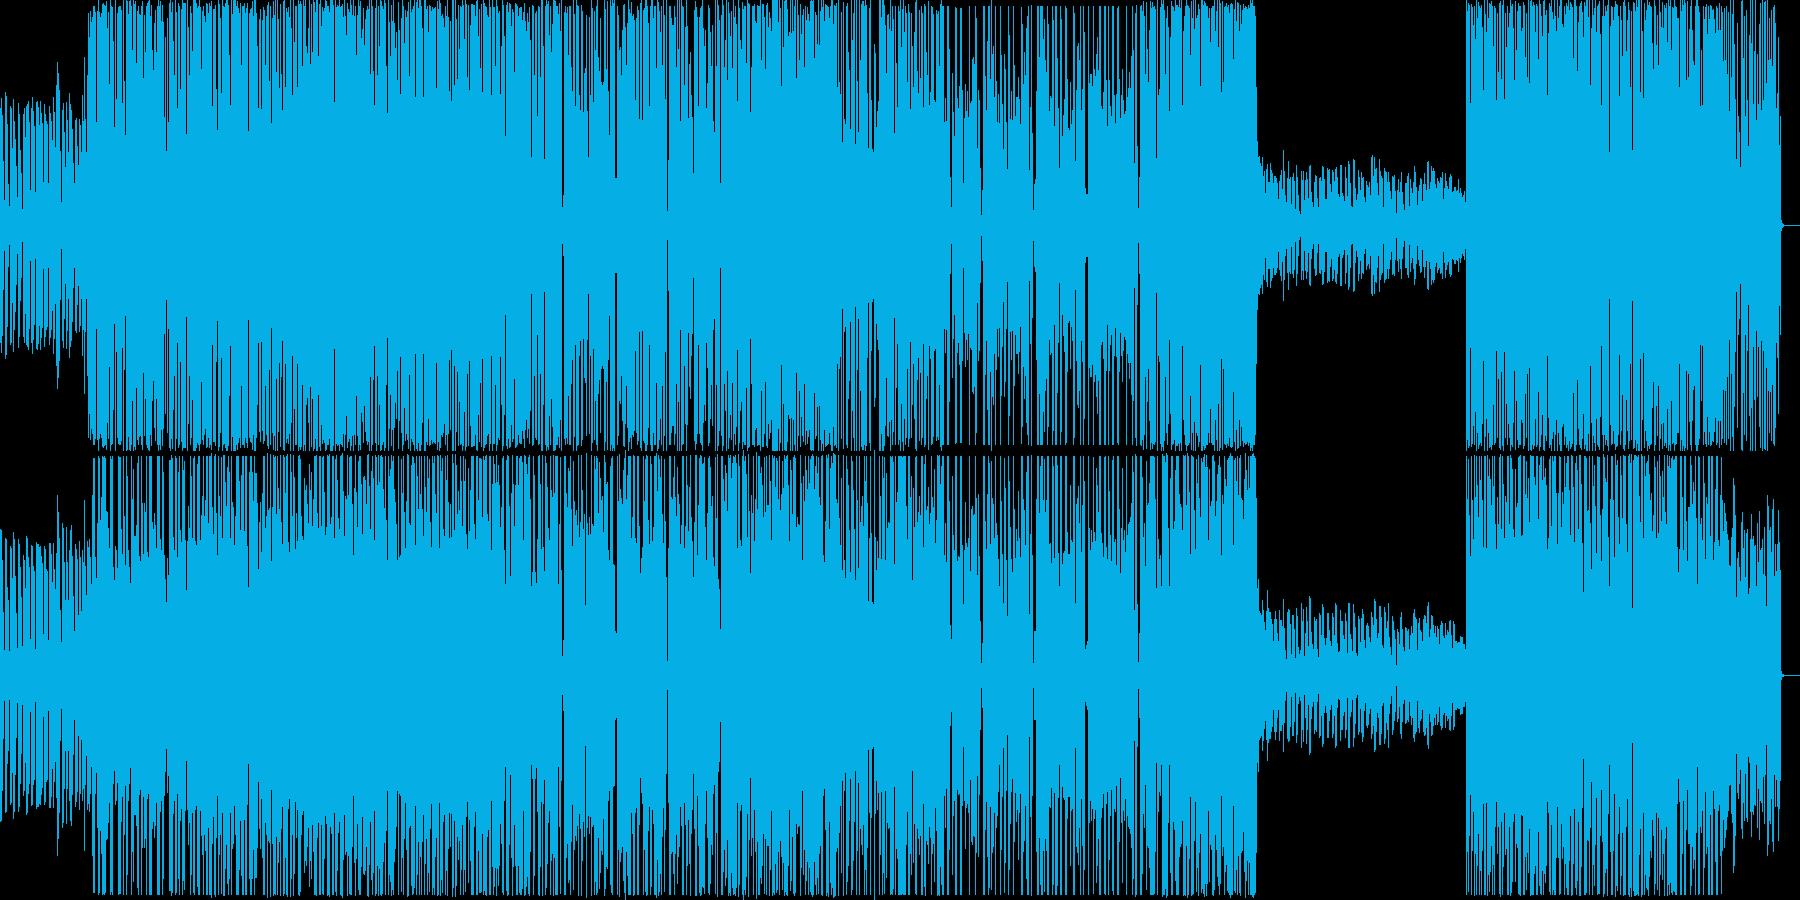 ロック×テクノ ビートと疾走感溢れる曲の再生済みの波形